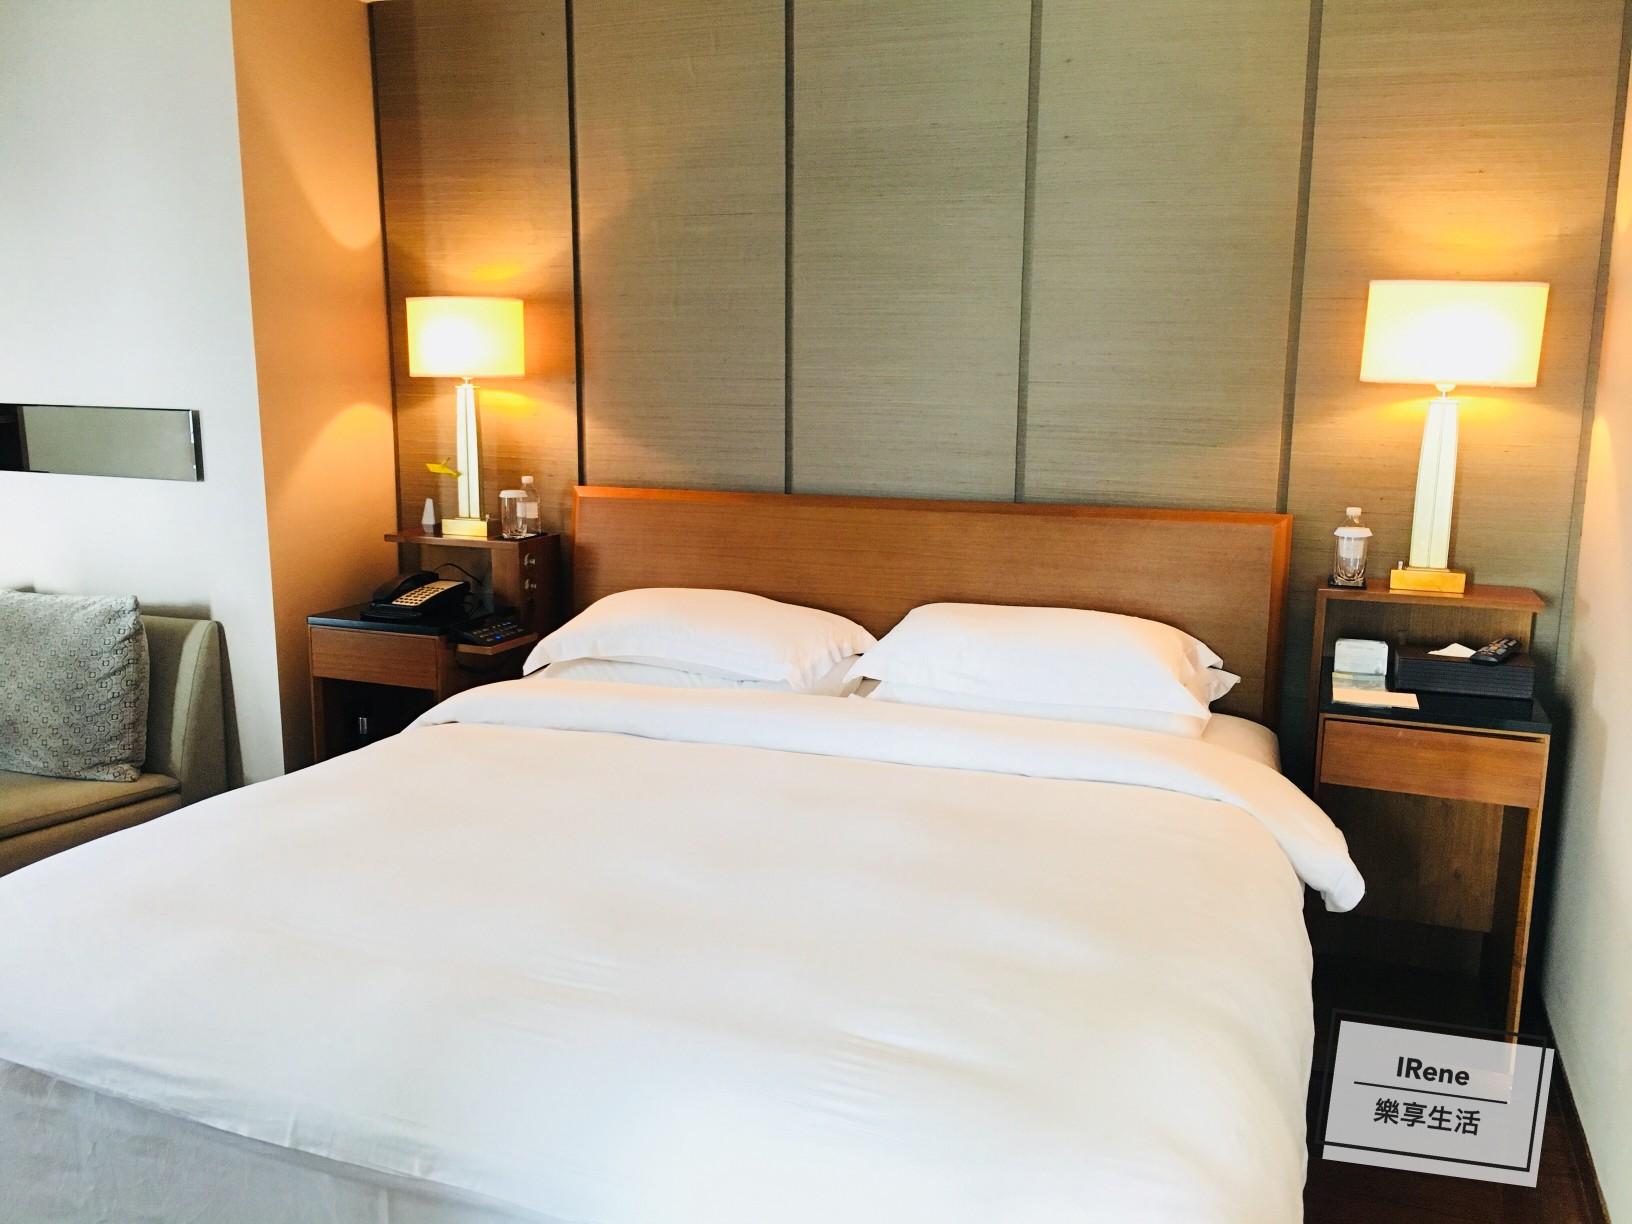 上海住宿推薦-上海外灘東方商旅精品酒店豪華房